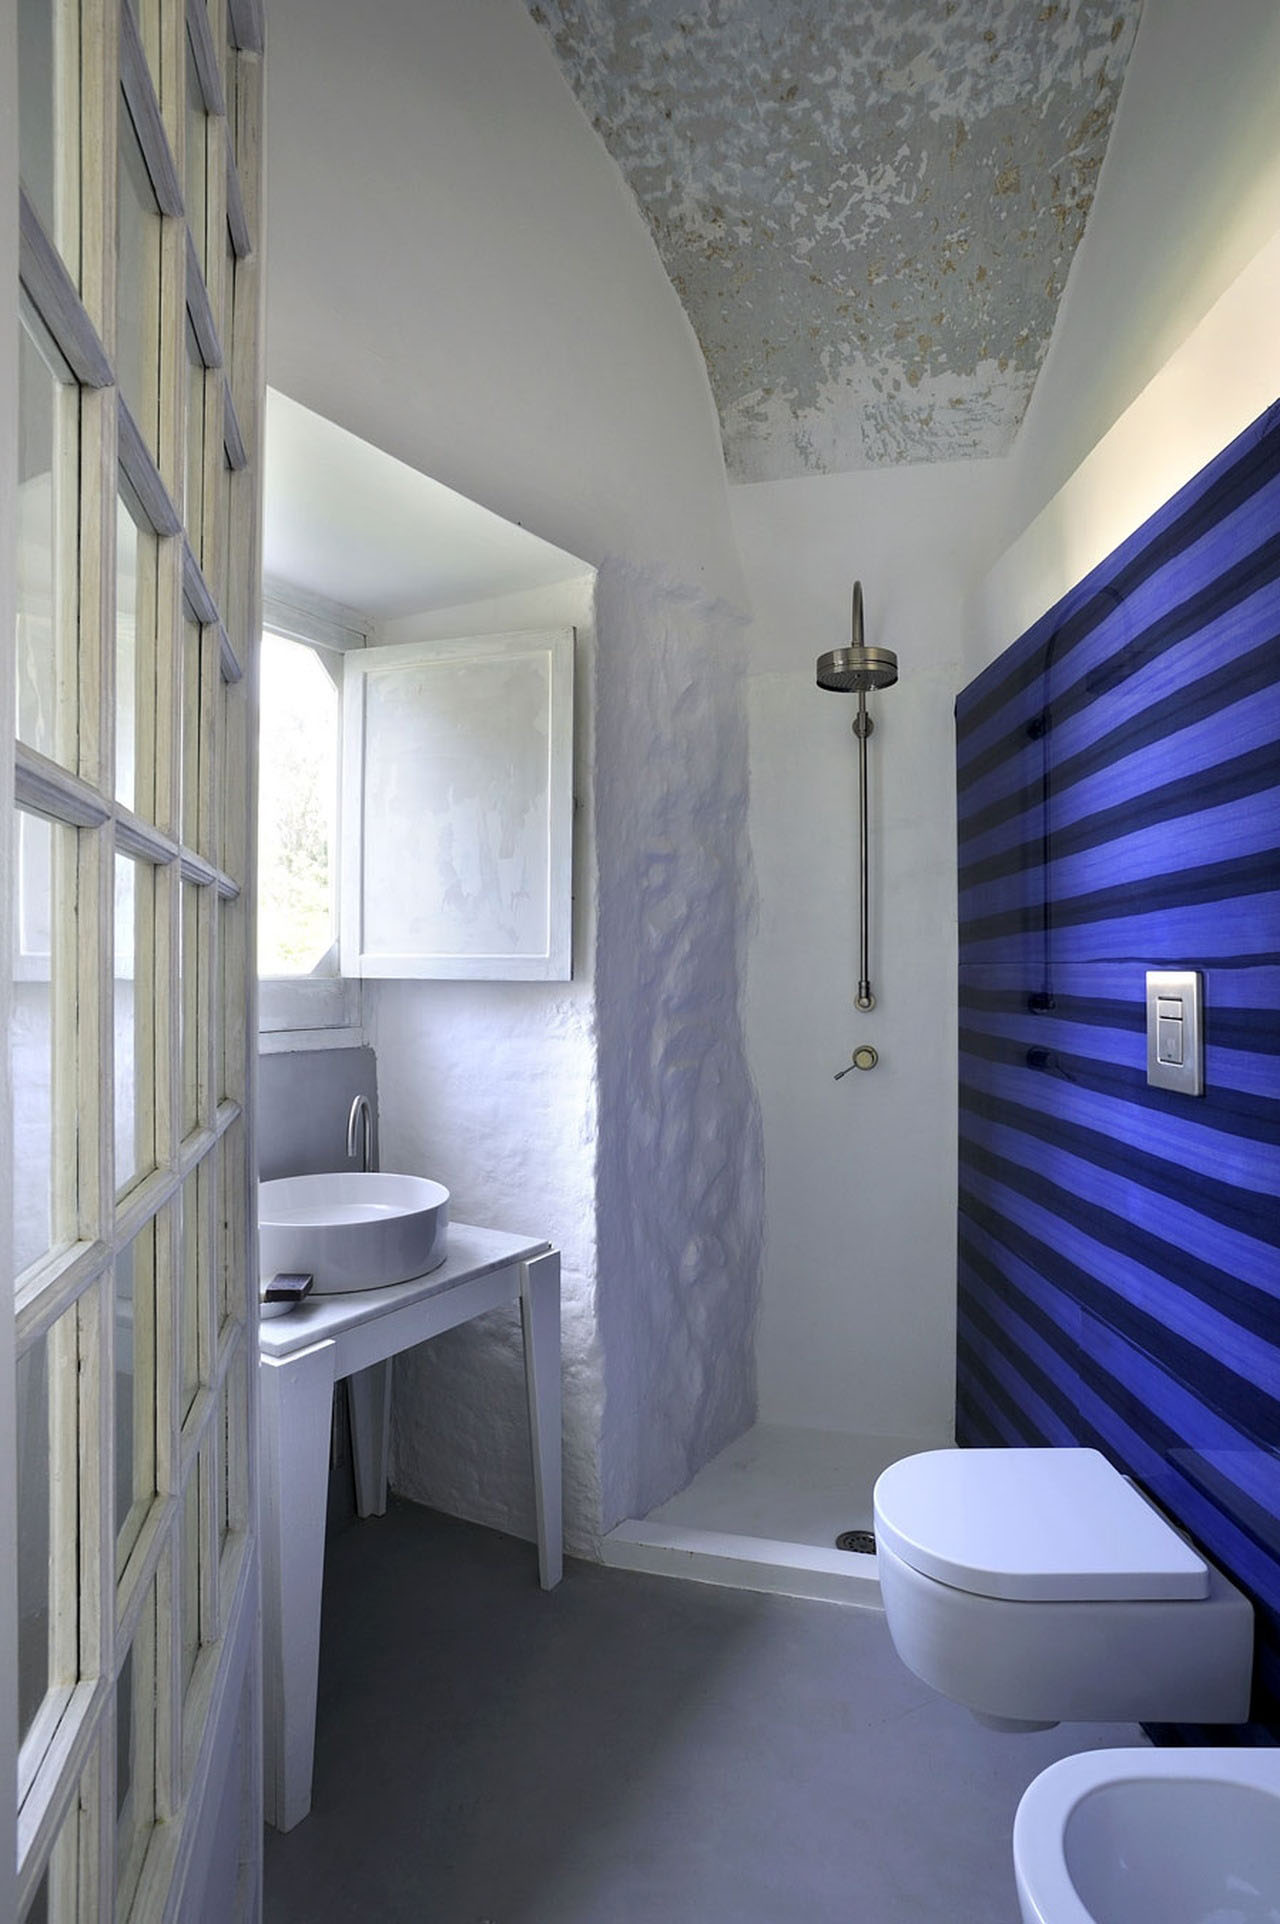 Capri Suite A Charming Boutique Hotel In Anacapri